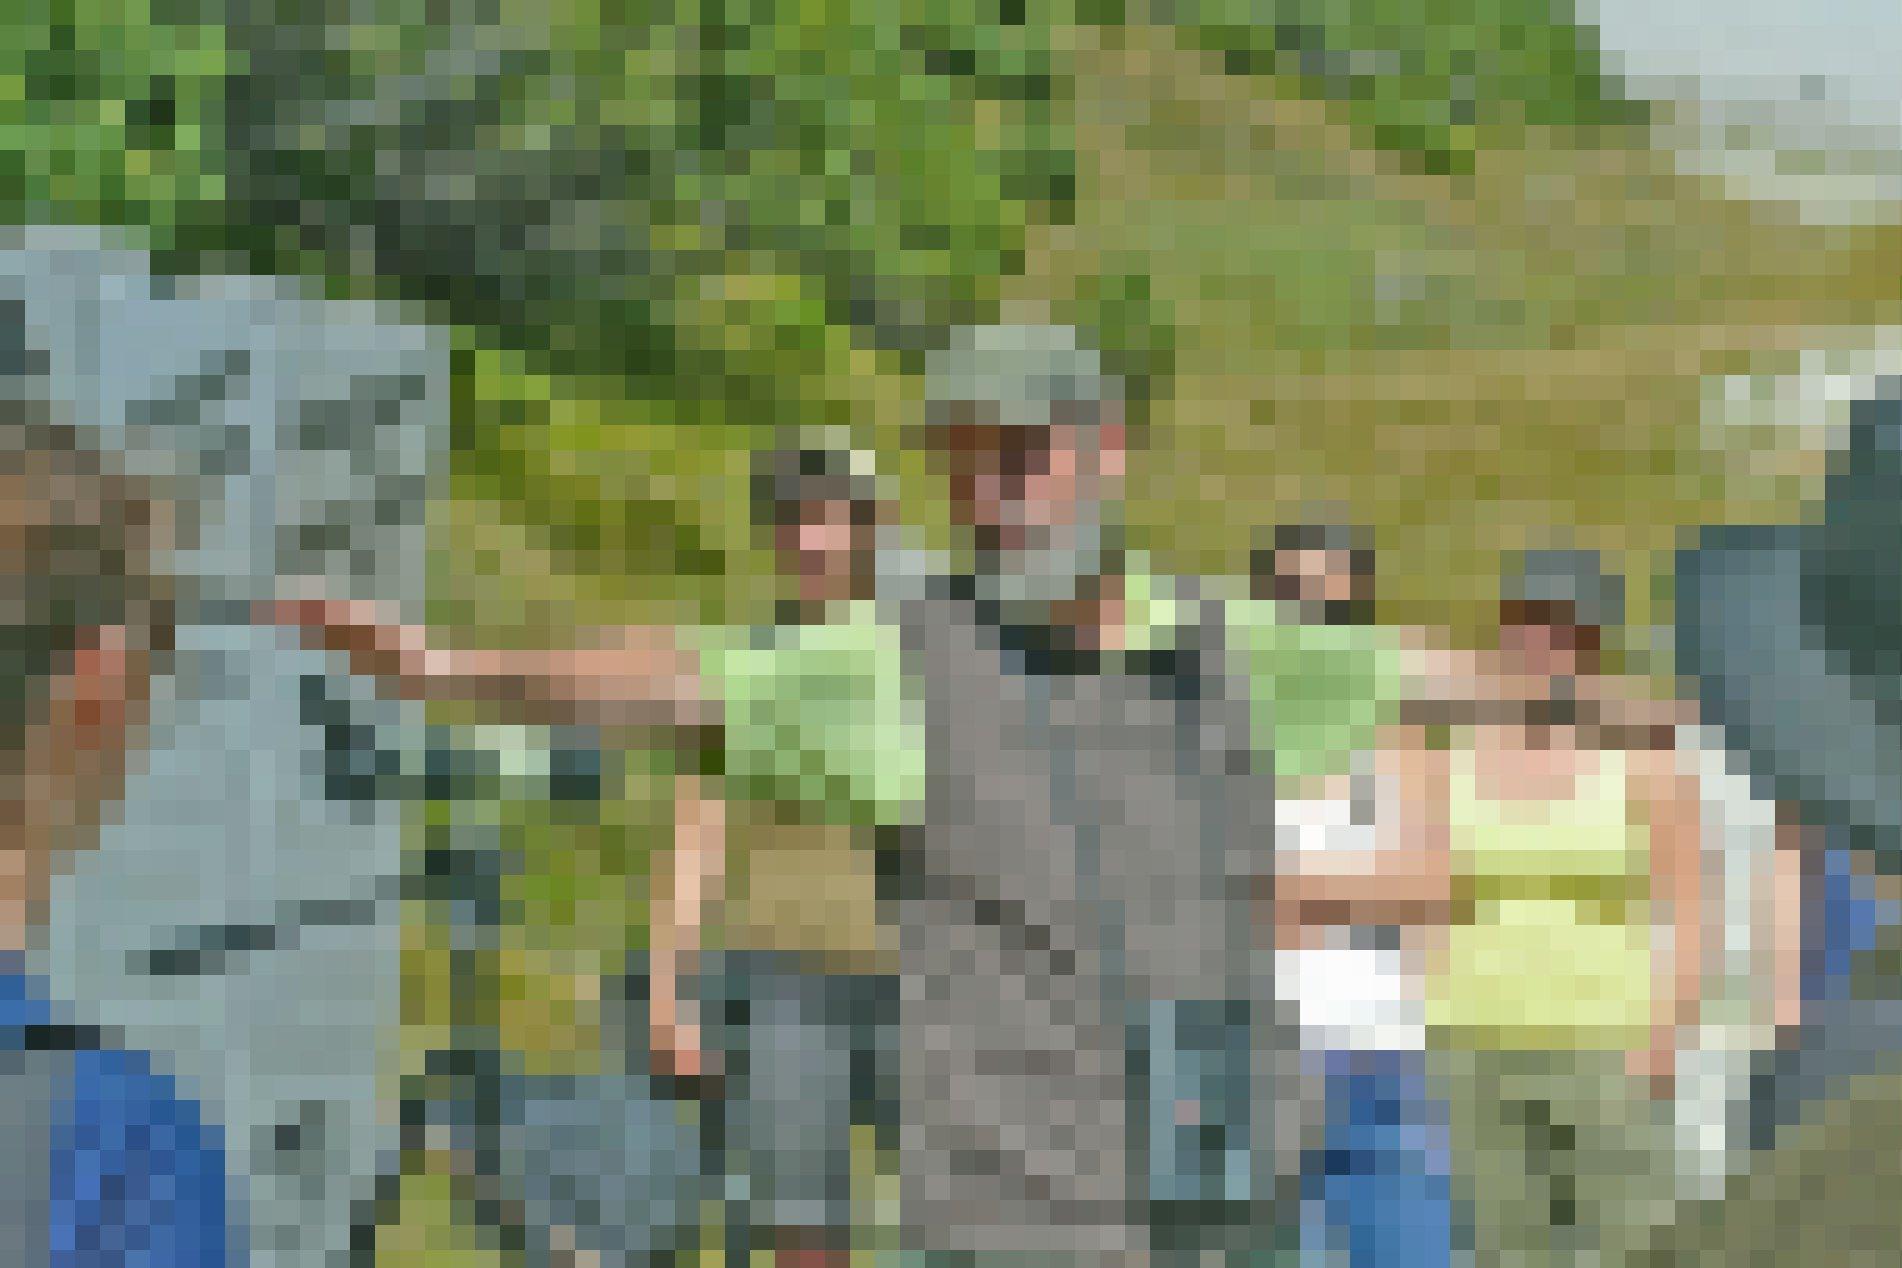 Klaus Robin, ehemaliger Direktor des Schweizerischen Nationalparks, demonstriert den Segelflug des Bartgeiers. Rundherum stehen Studentinnen und Studenten.